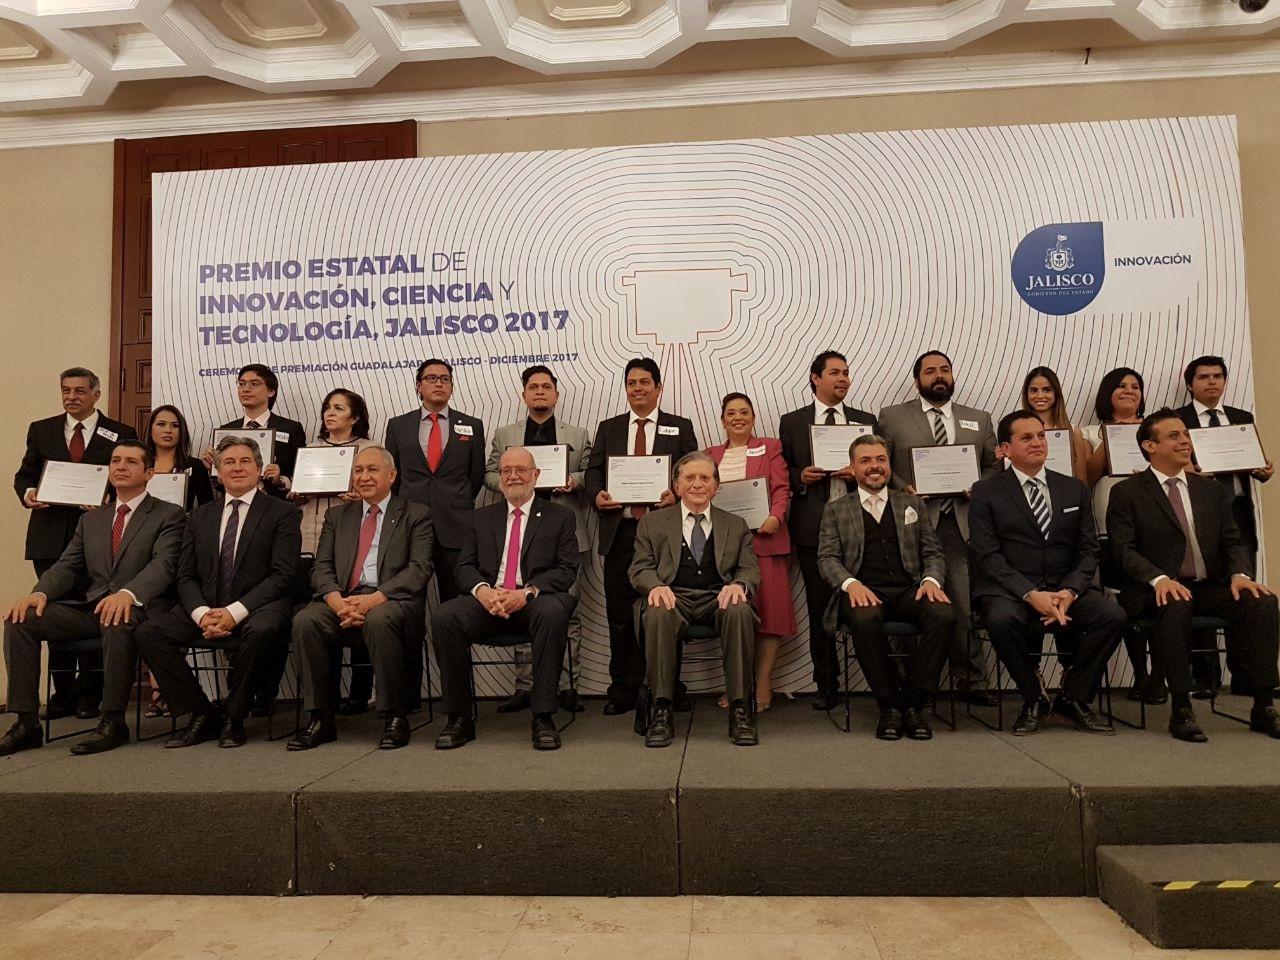 Ganadores del Premio Estatal de Innovación, Ciencia y Tecnología 2017